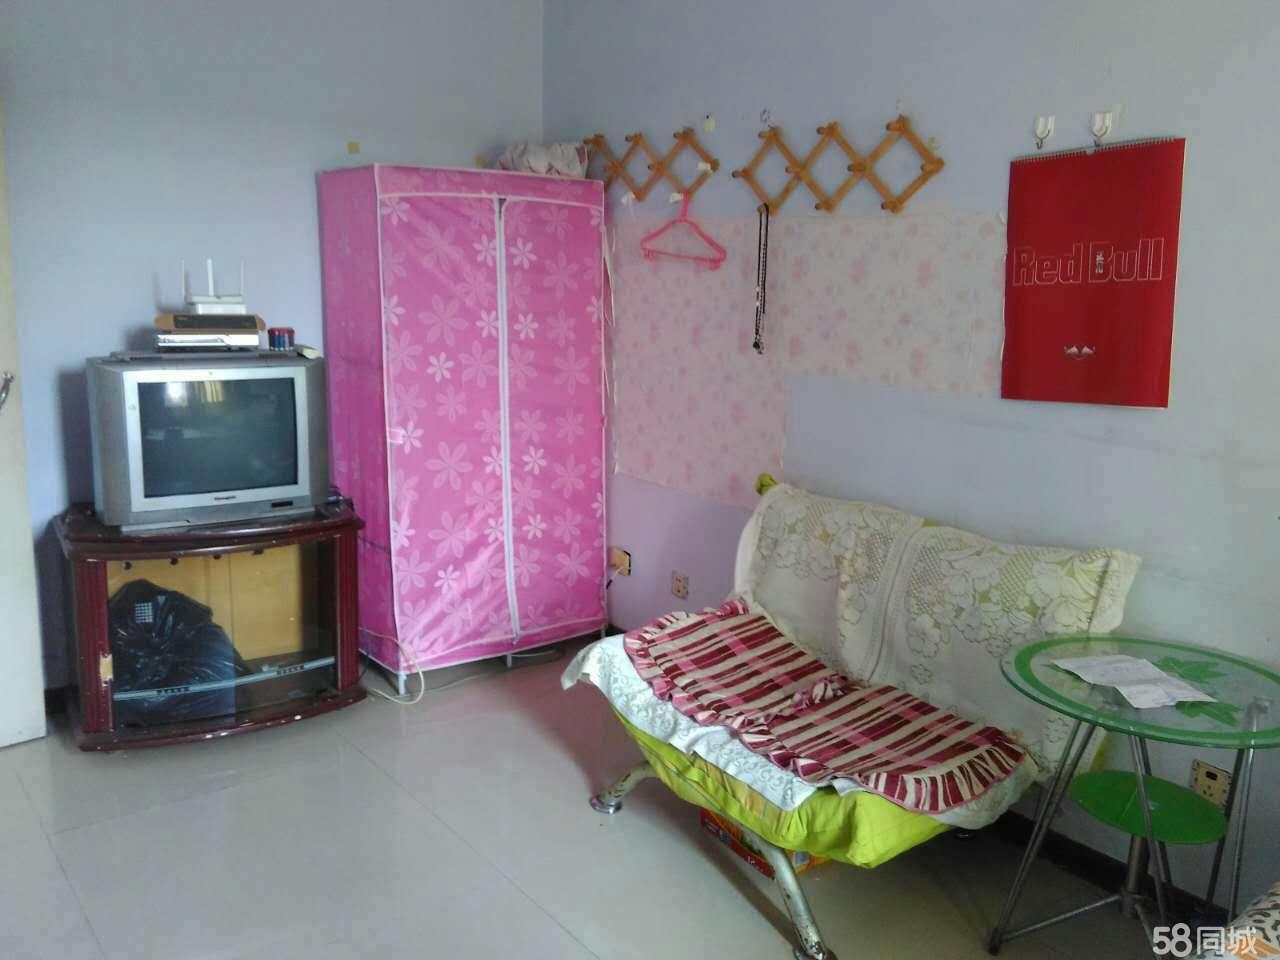 东方国际1室1厅40平地砖双人床沙发衣柜热水器洗衣机无线网